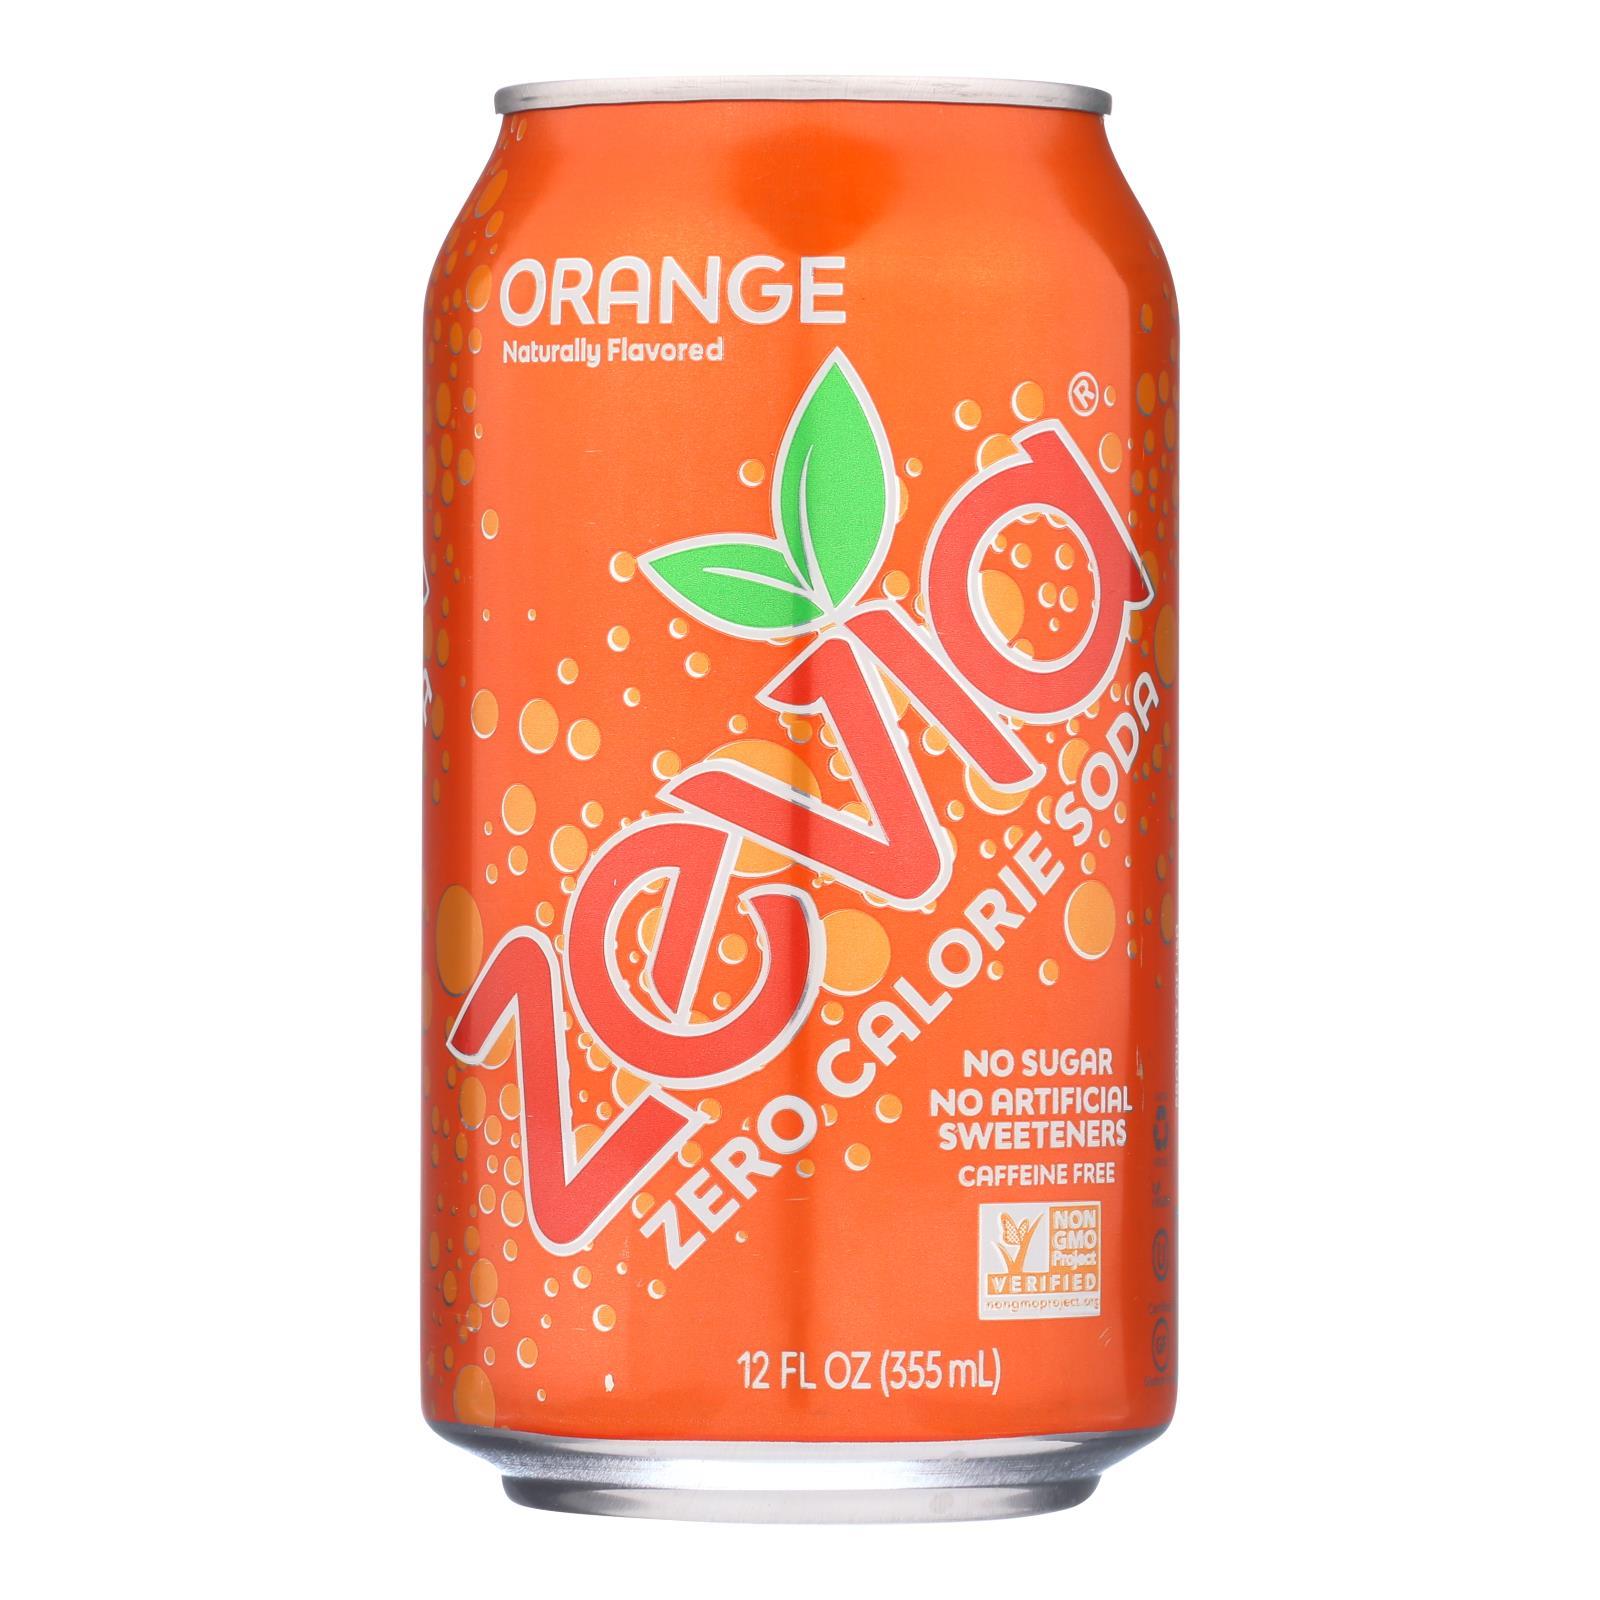 Zevia Soda - Zero Calorie - Orange - Can - 6/12 oz - case of 4